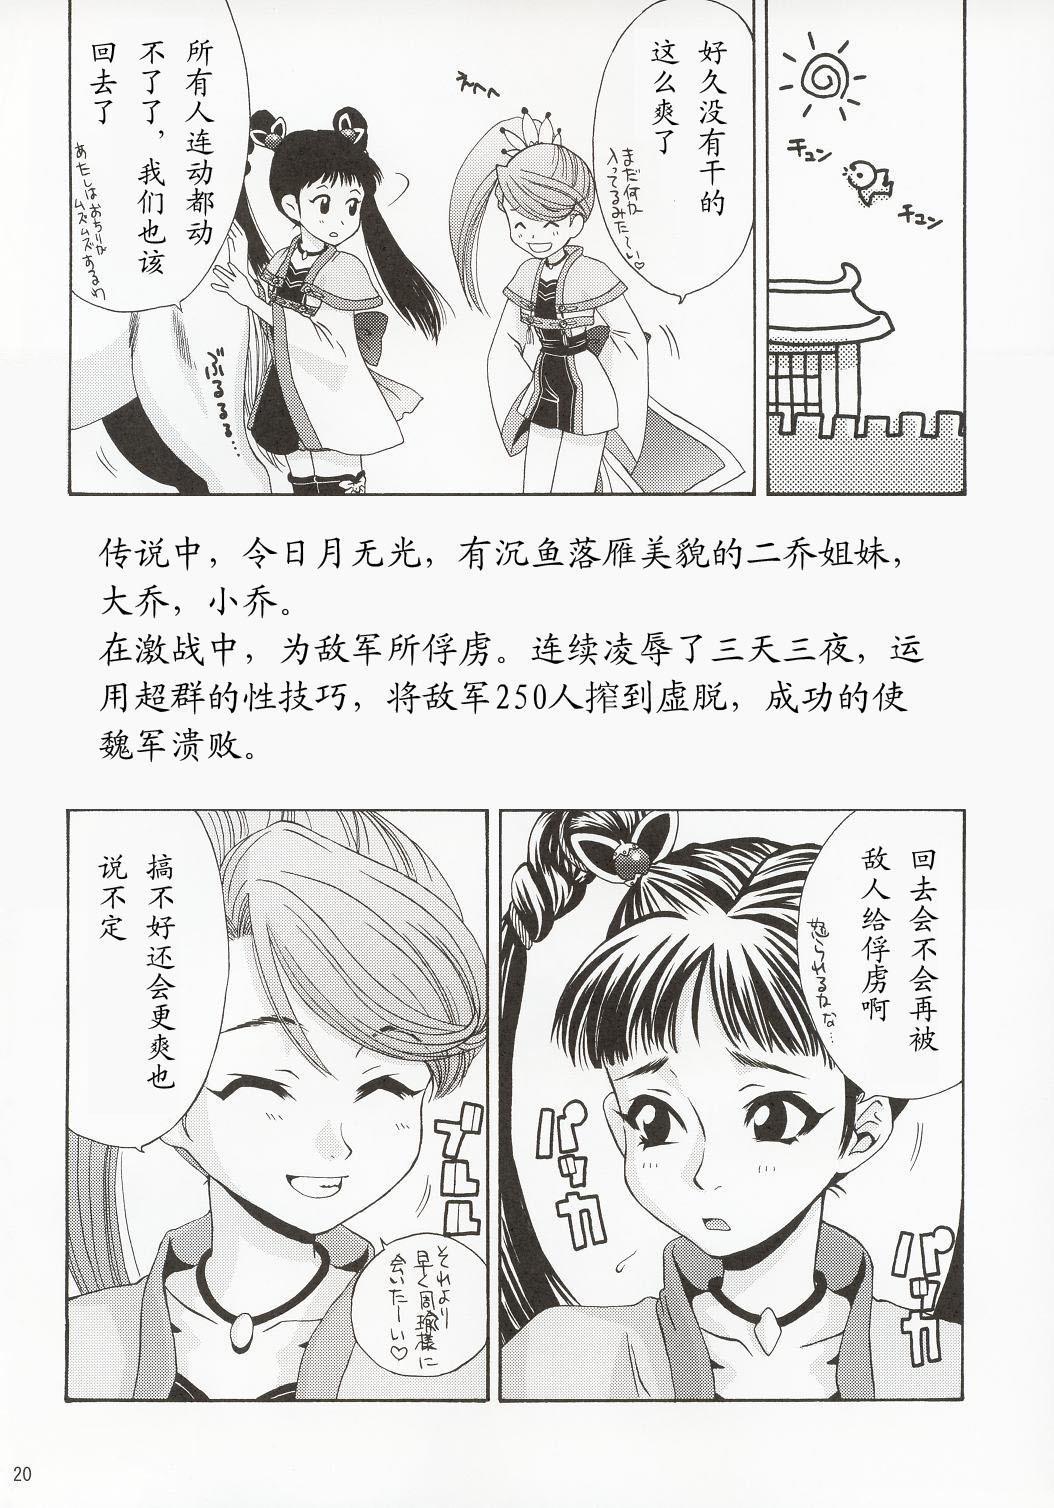 In Sangoku Musou 18